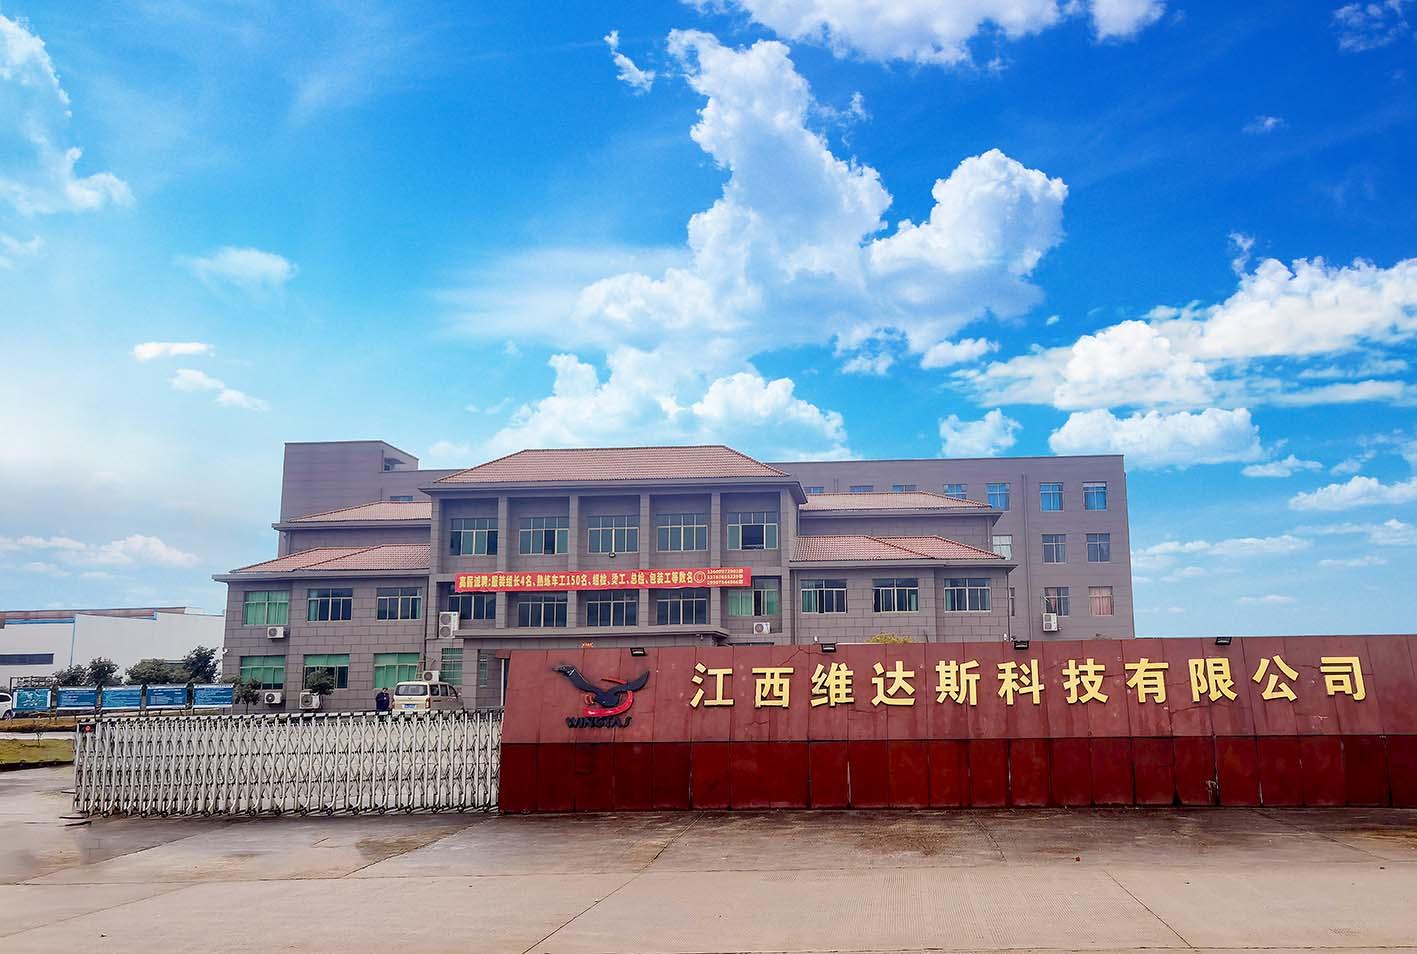 江西维达斯工厂2缩小.jpg